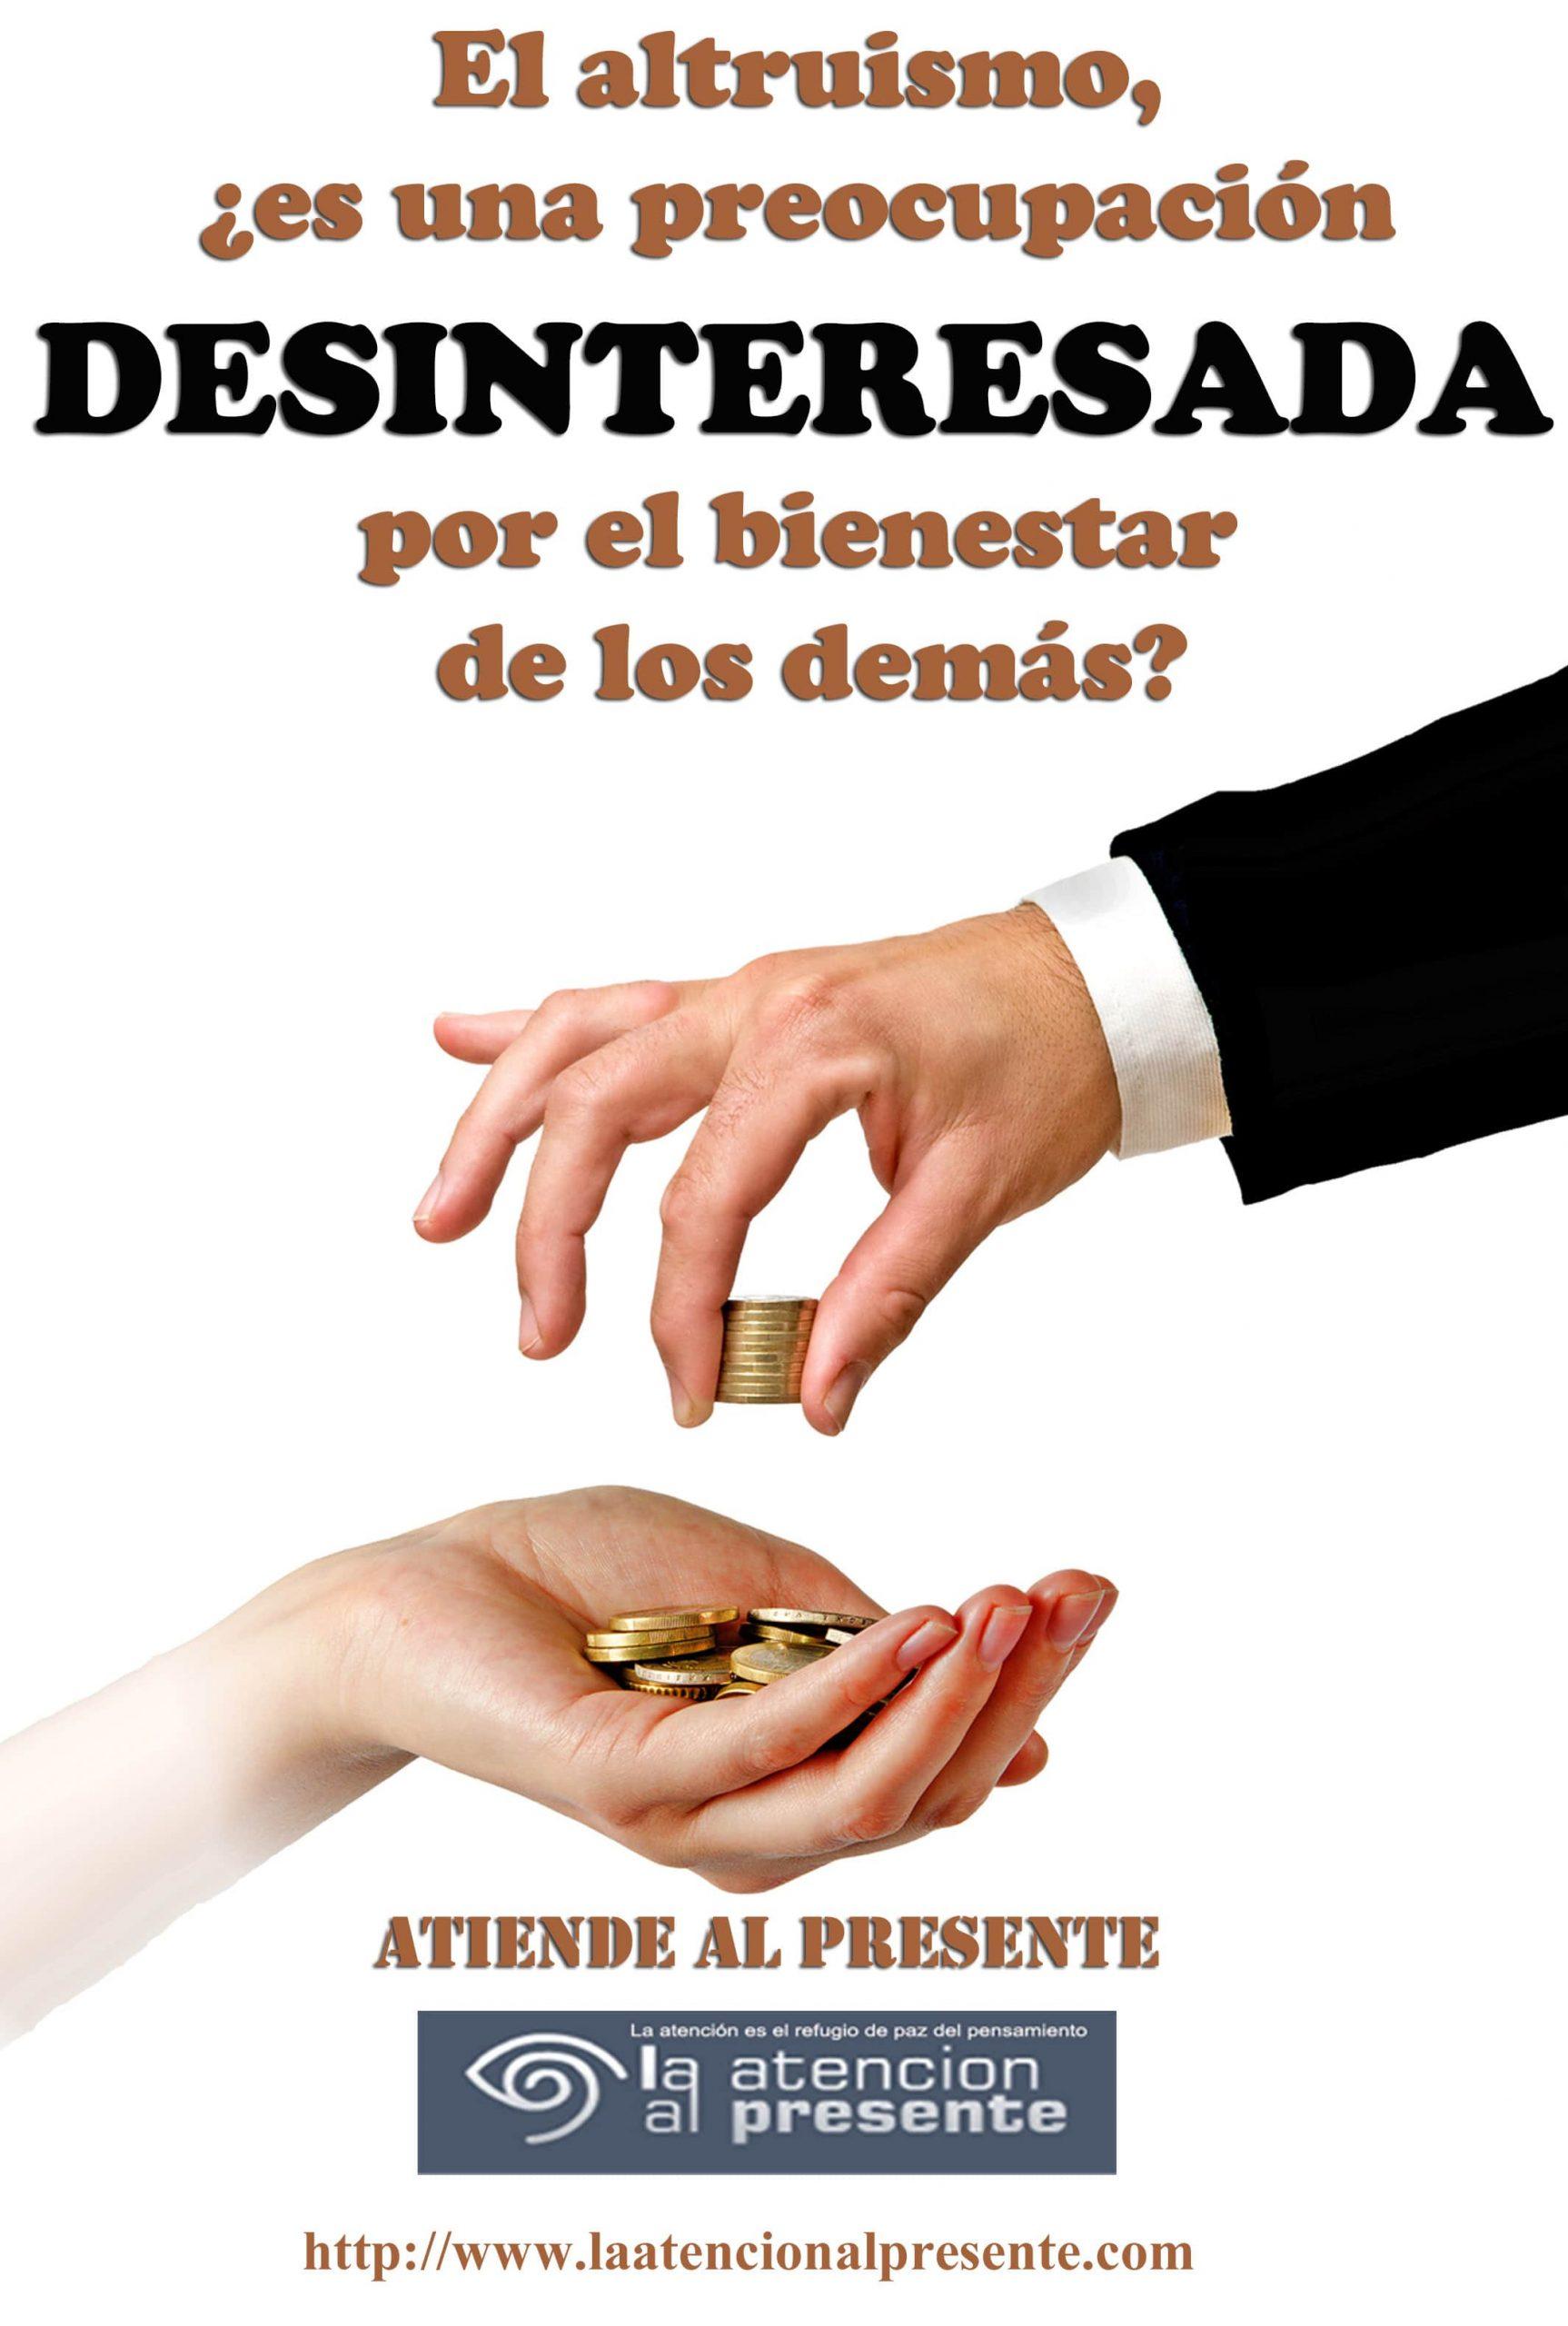 2 de Set Esteban El altruismo ¿es una preocupacion DESINTERESADA por el bienestar de los demas min scaled